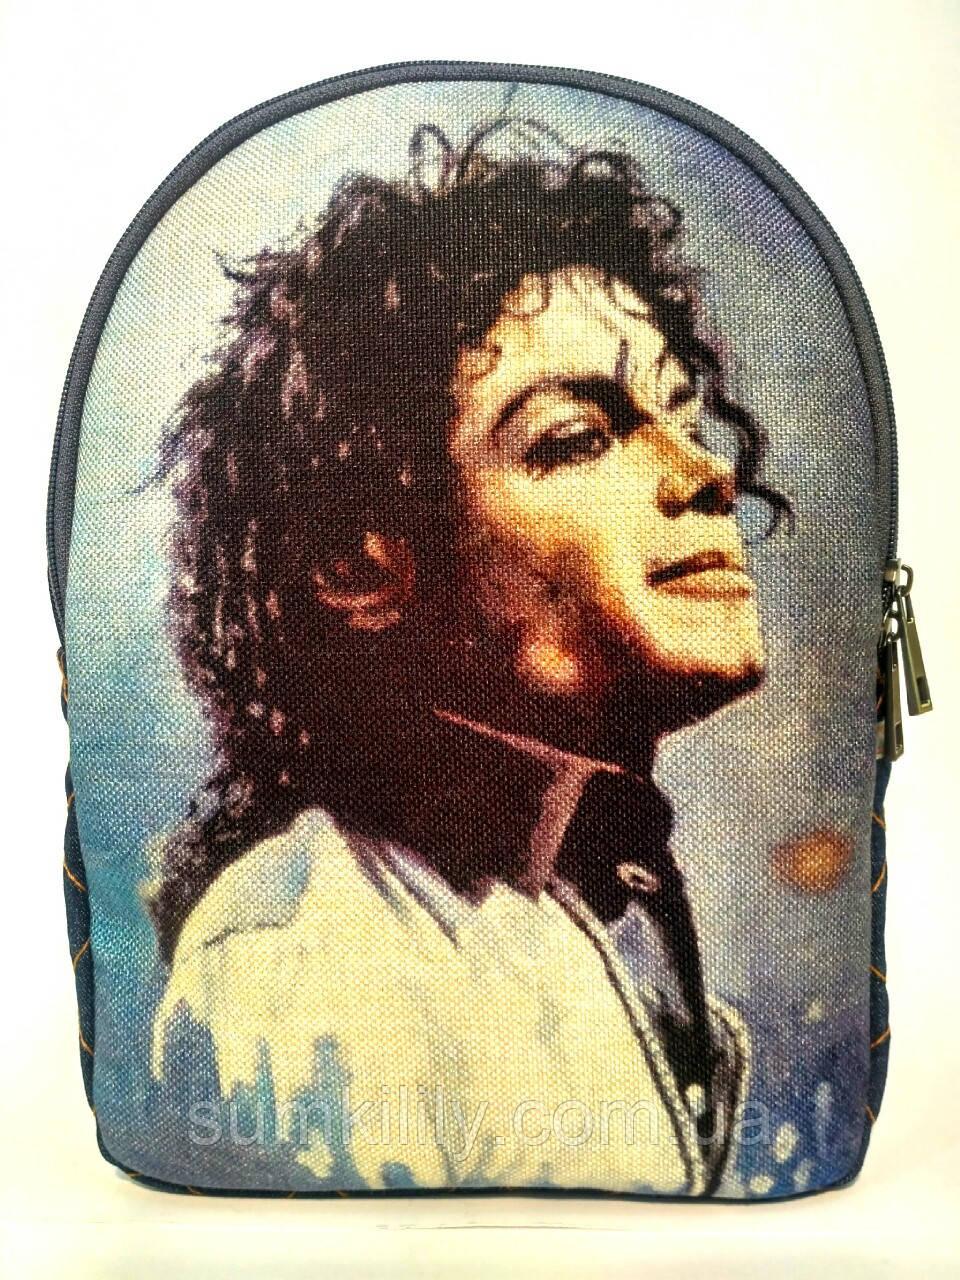 Джинсовий Рюкзак Майкл Джексон 11